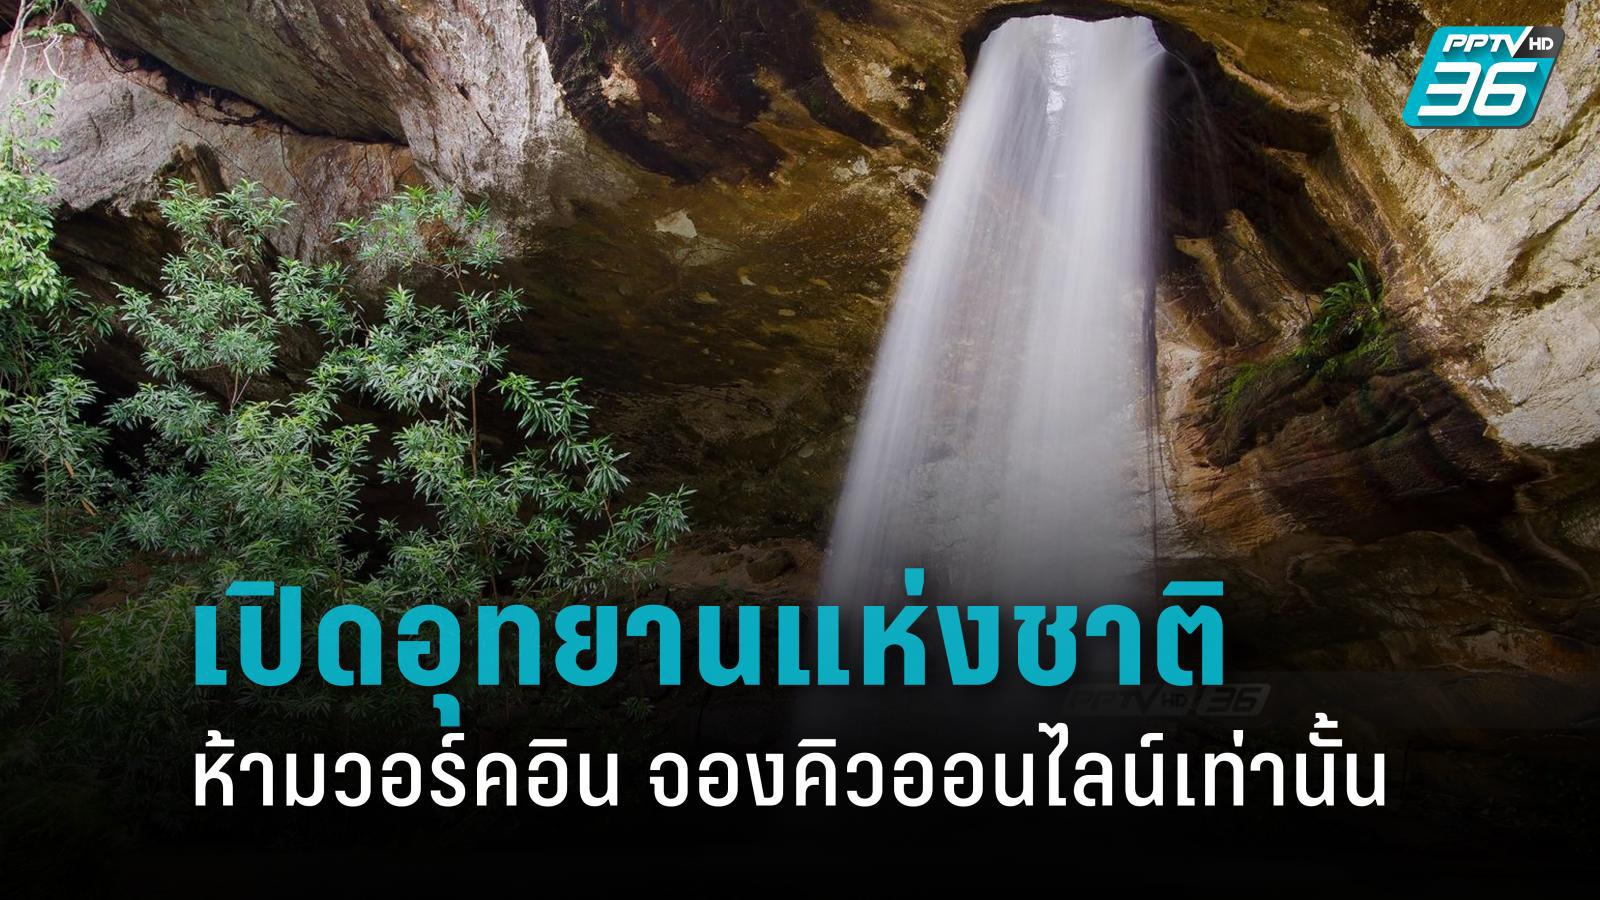 เตรียมเคาะ เปิดอุทยานแห่งชาติ ห้ามวอร์คอิน จองคิวออนไลน์เท่านั้น